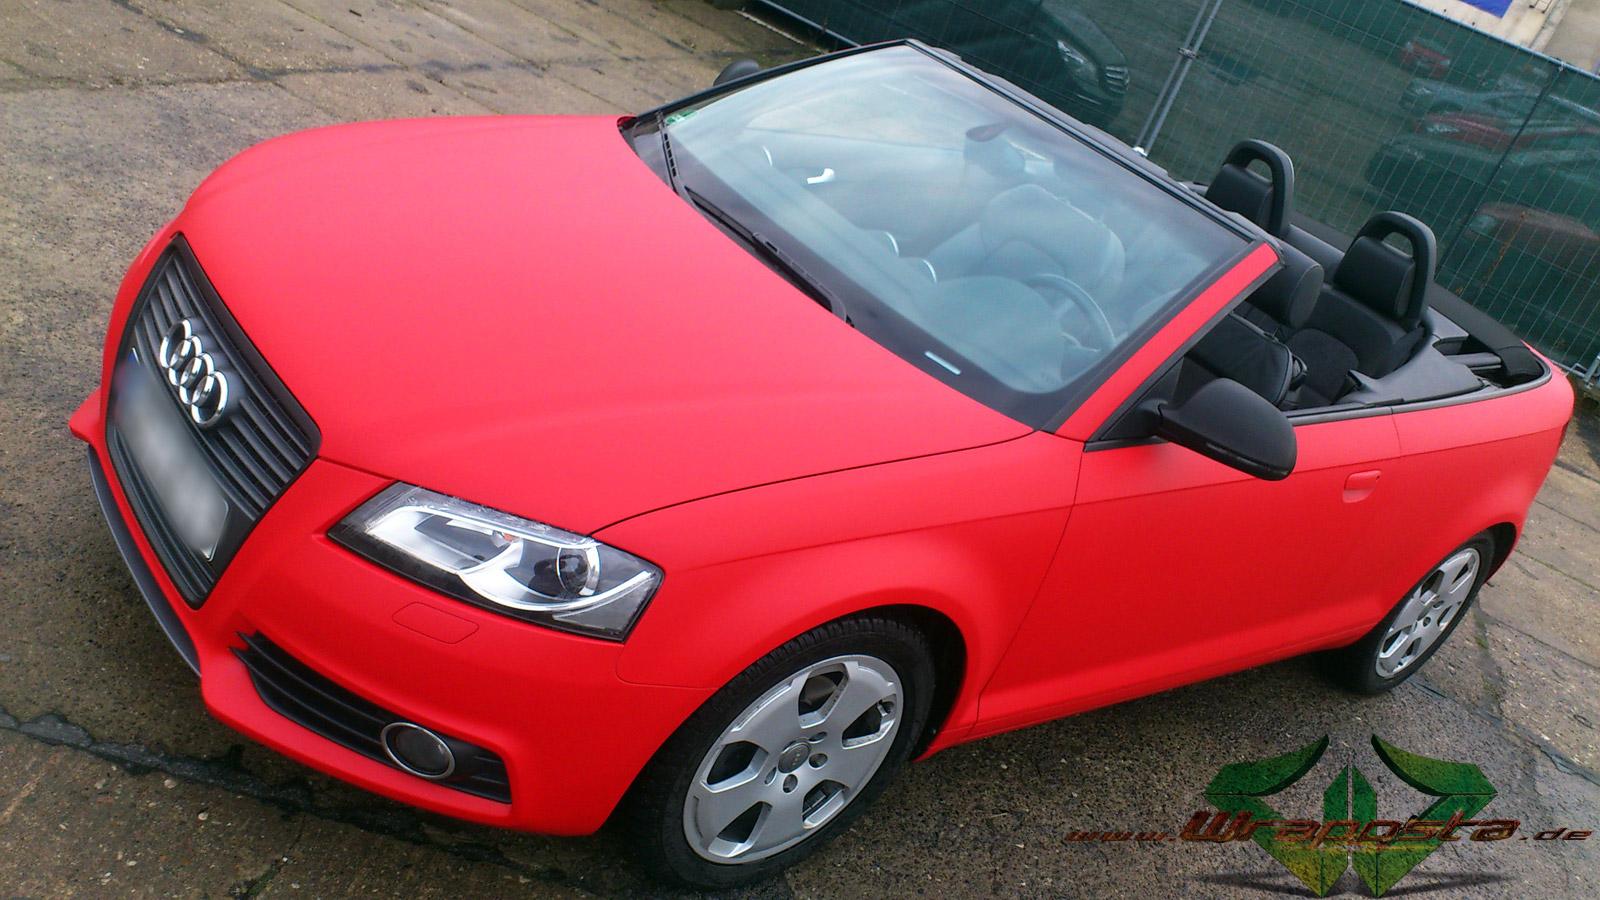 Audi A3 S Line F1 Racing Red 3d Carbon Matt Schwarz